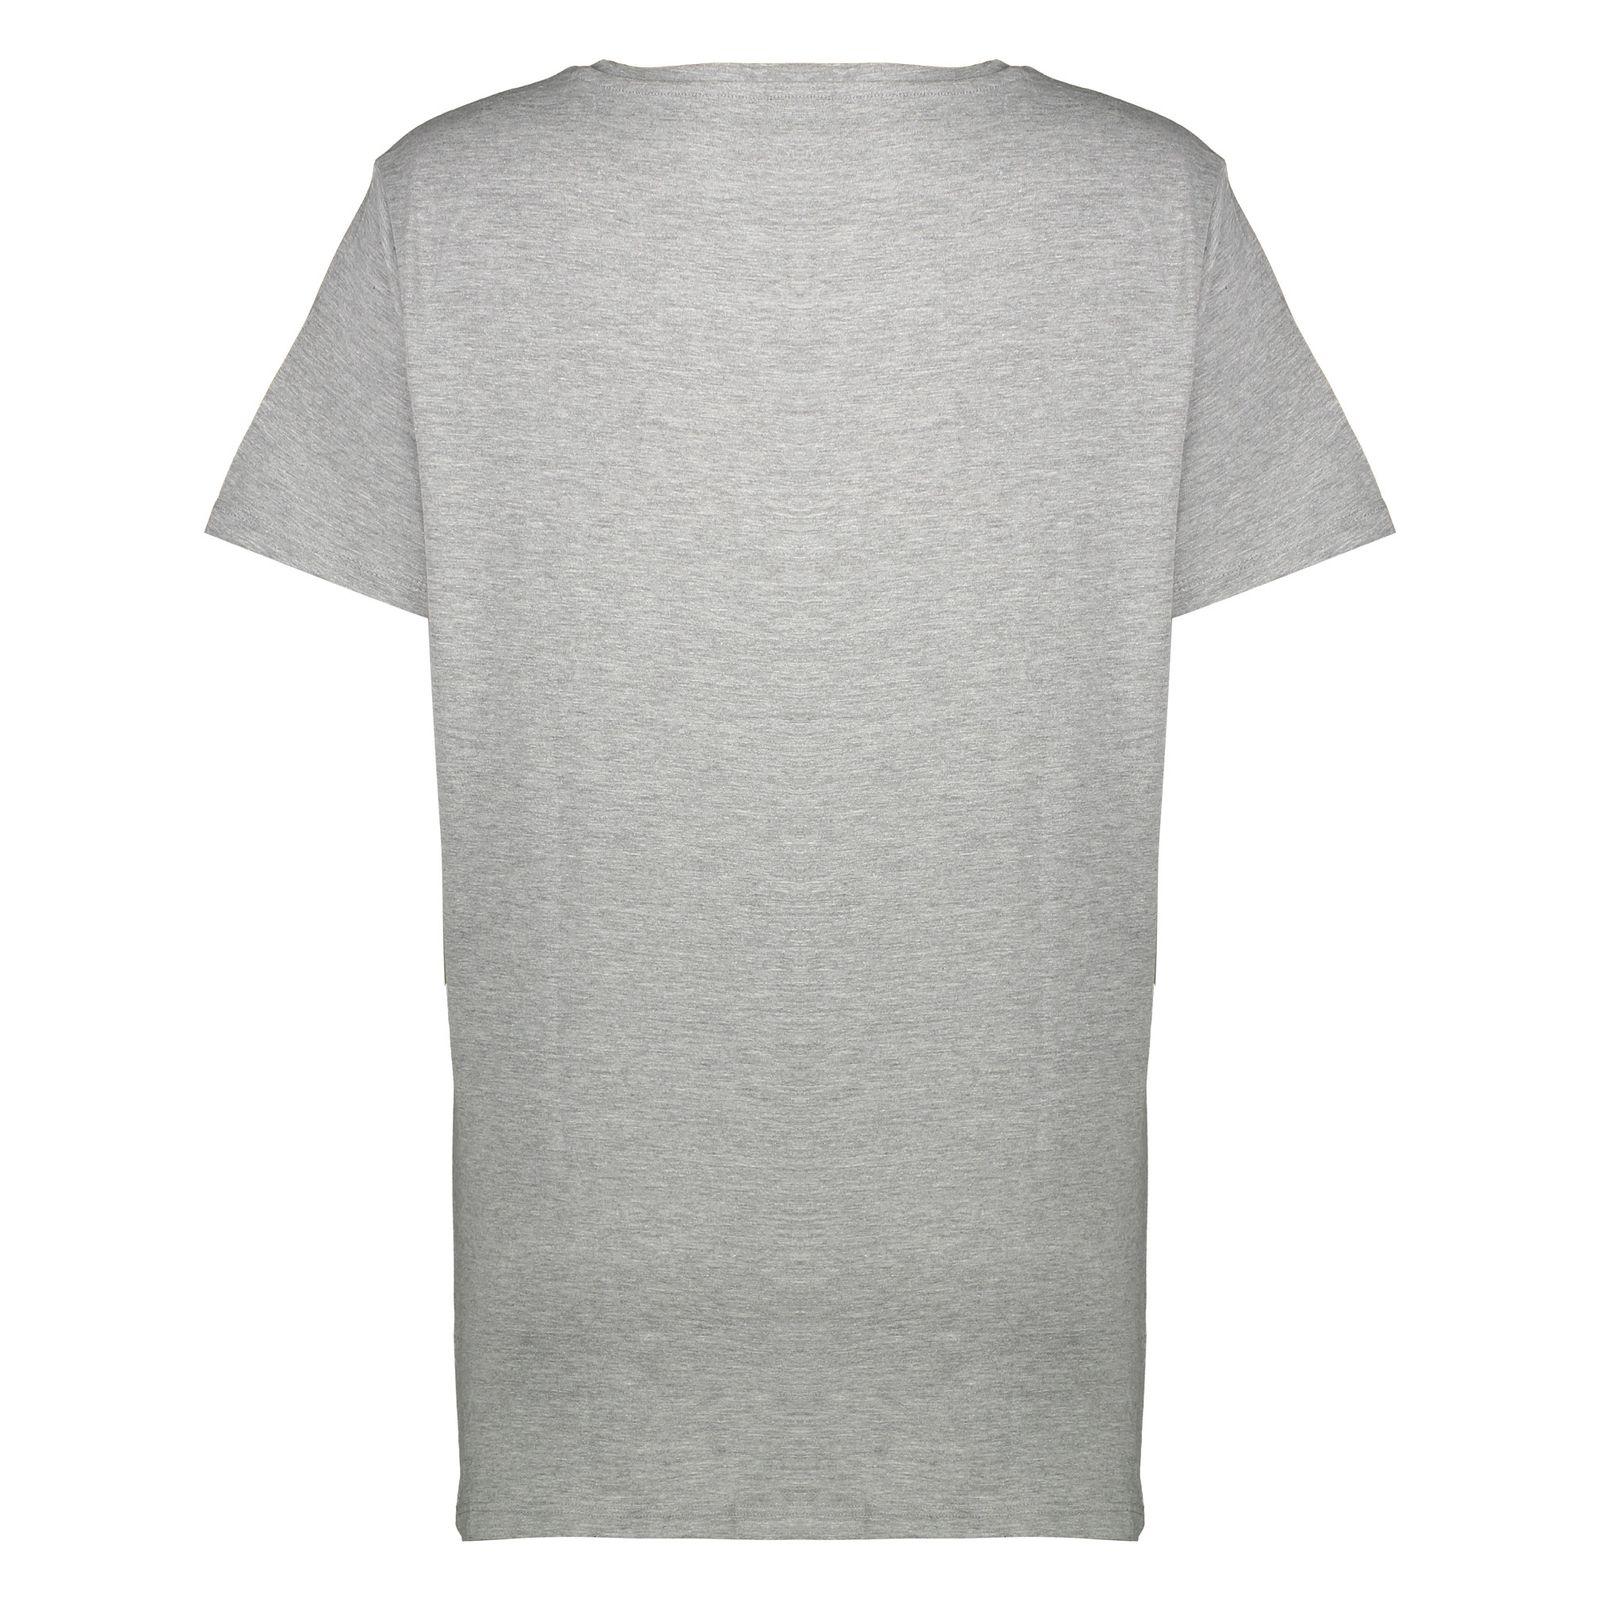 تی شرت زنانه یوپیم مدل 5125039 -  - 2